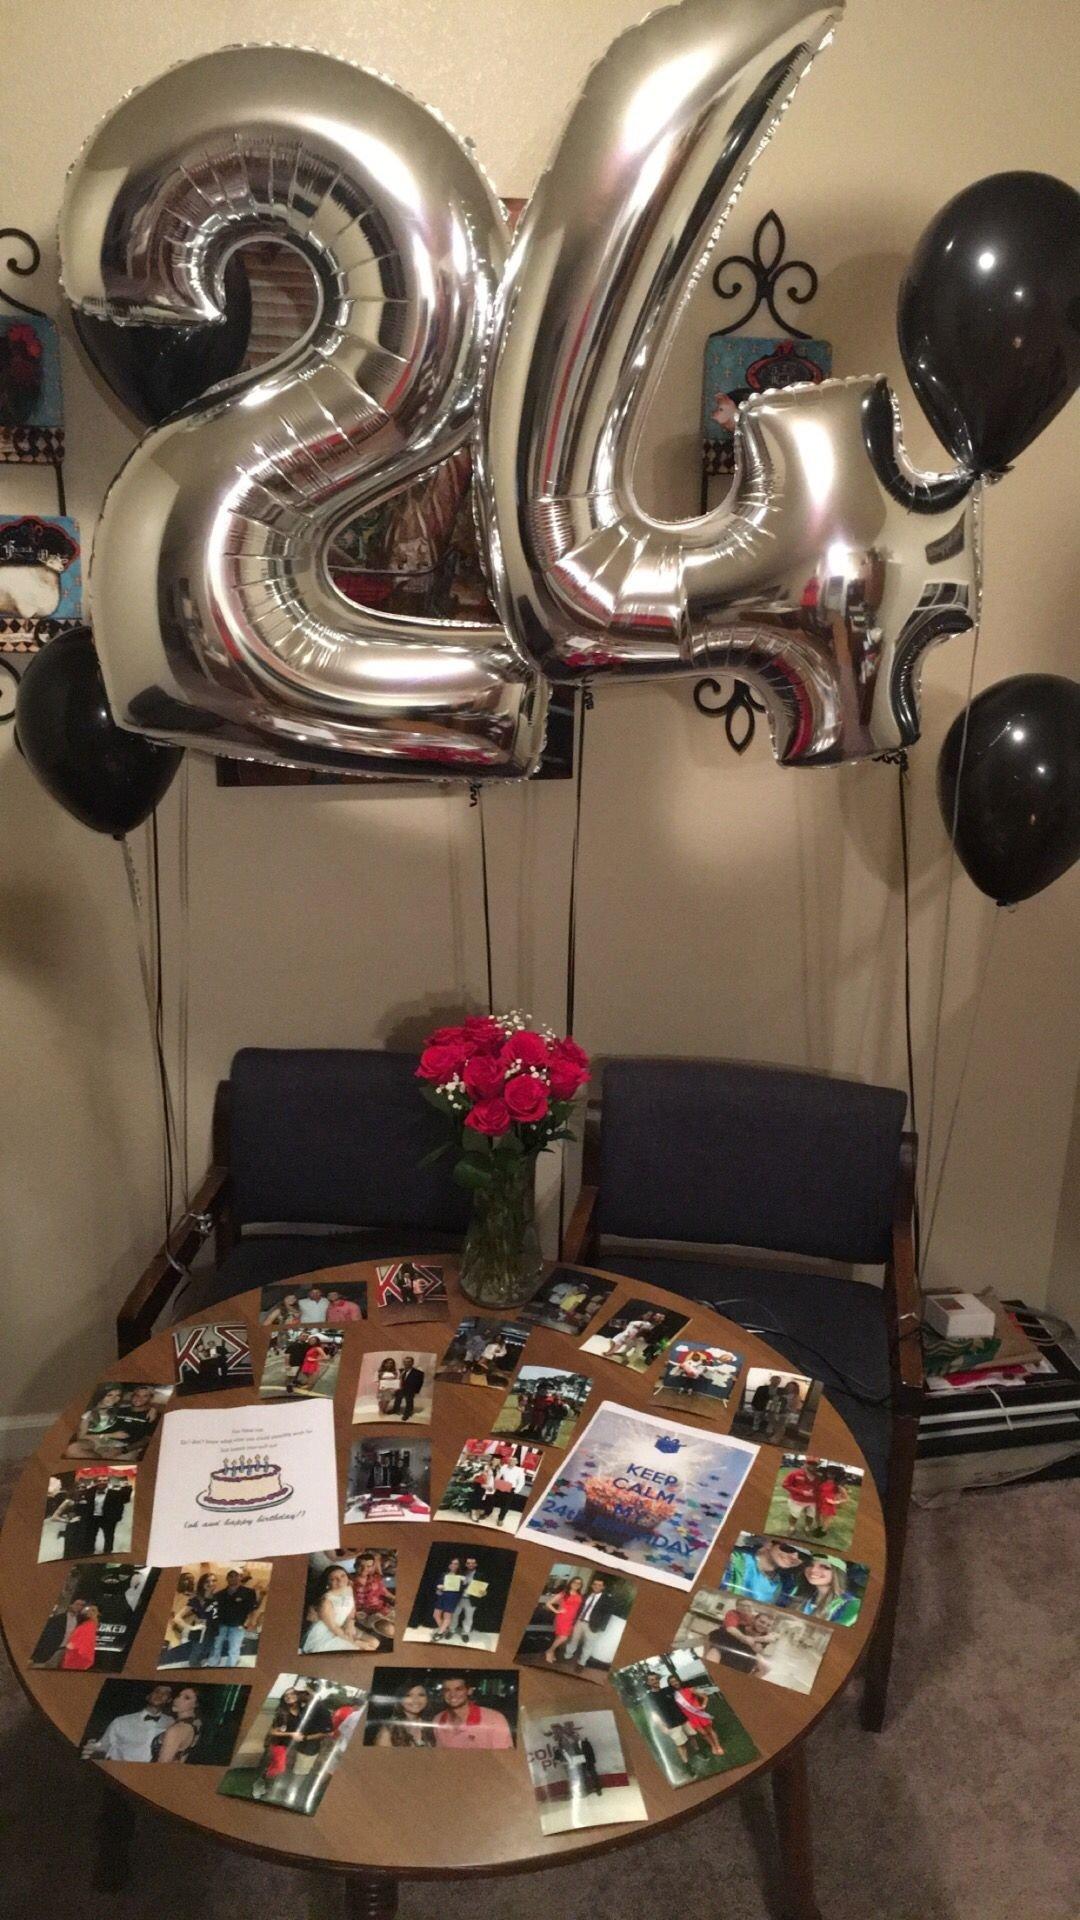 10 Stylish Surprise Birthday Ideas For Boyfriend boyfriend 24th birthday party pinterest 24th birthday 2020